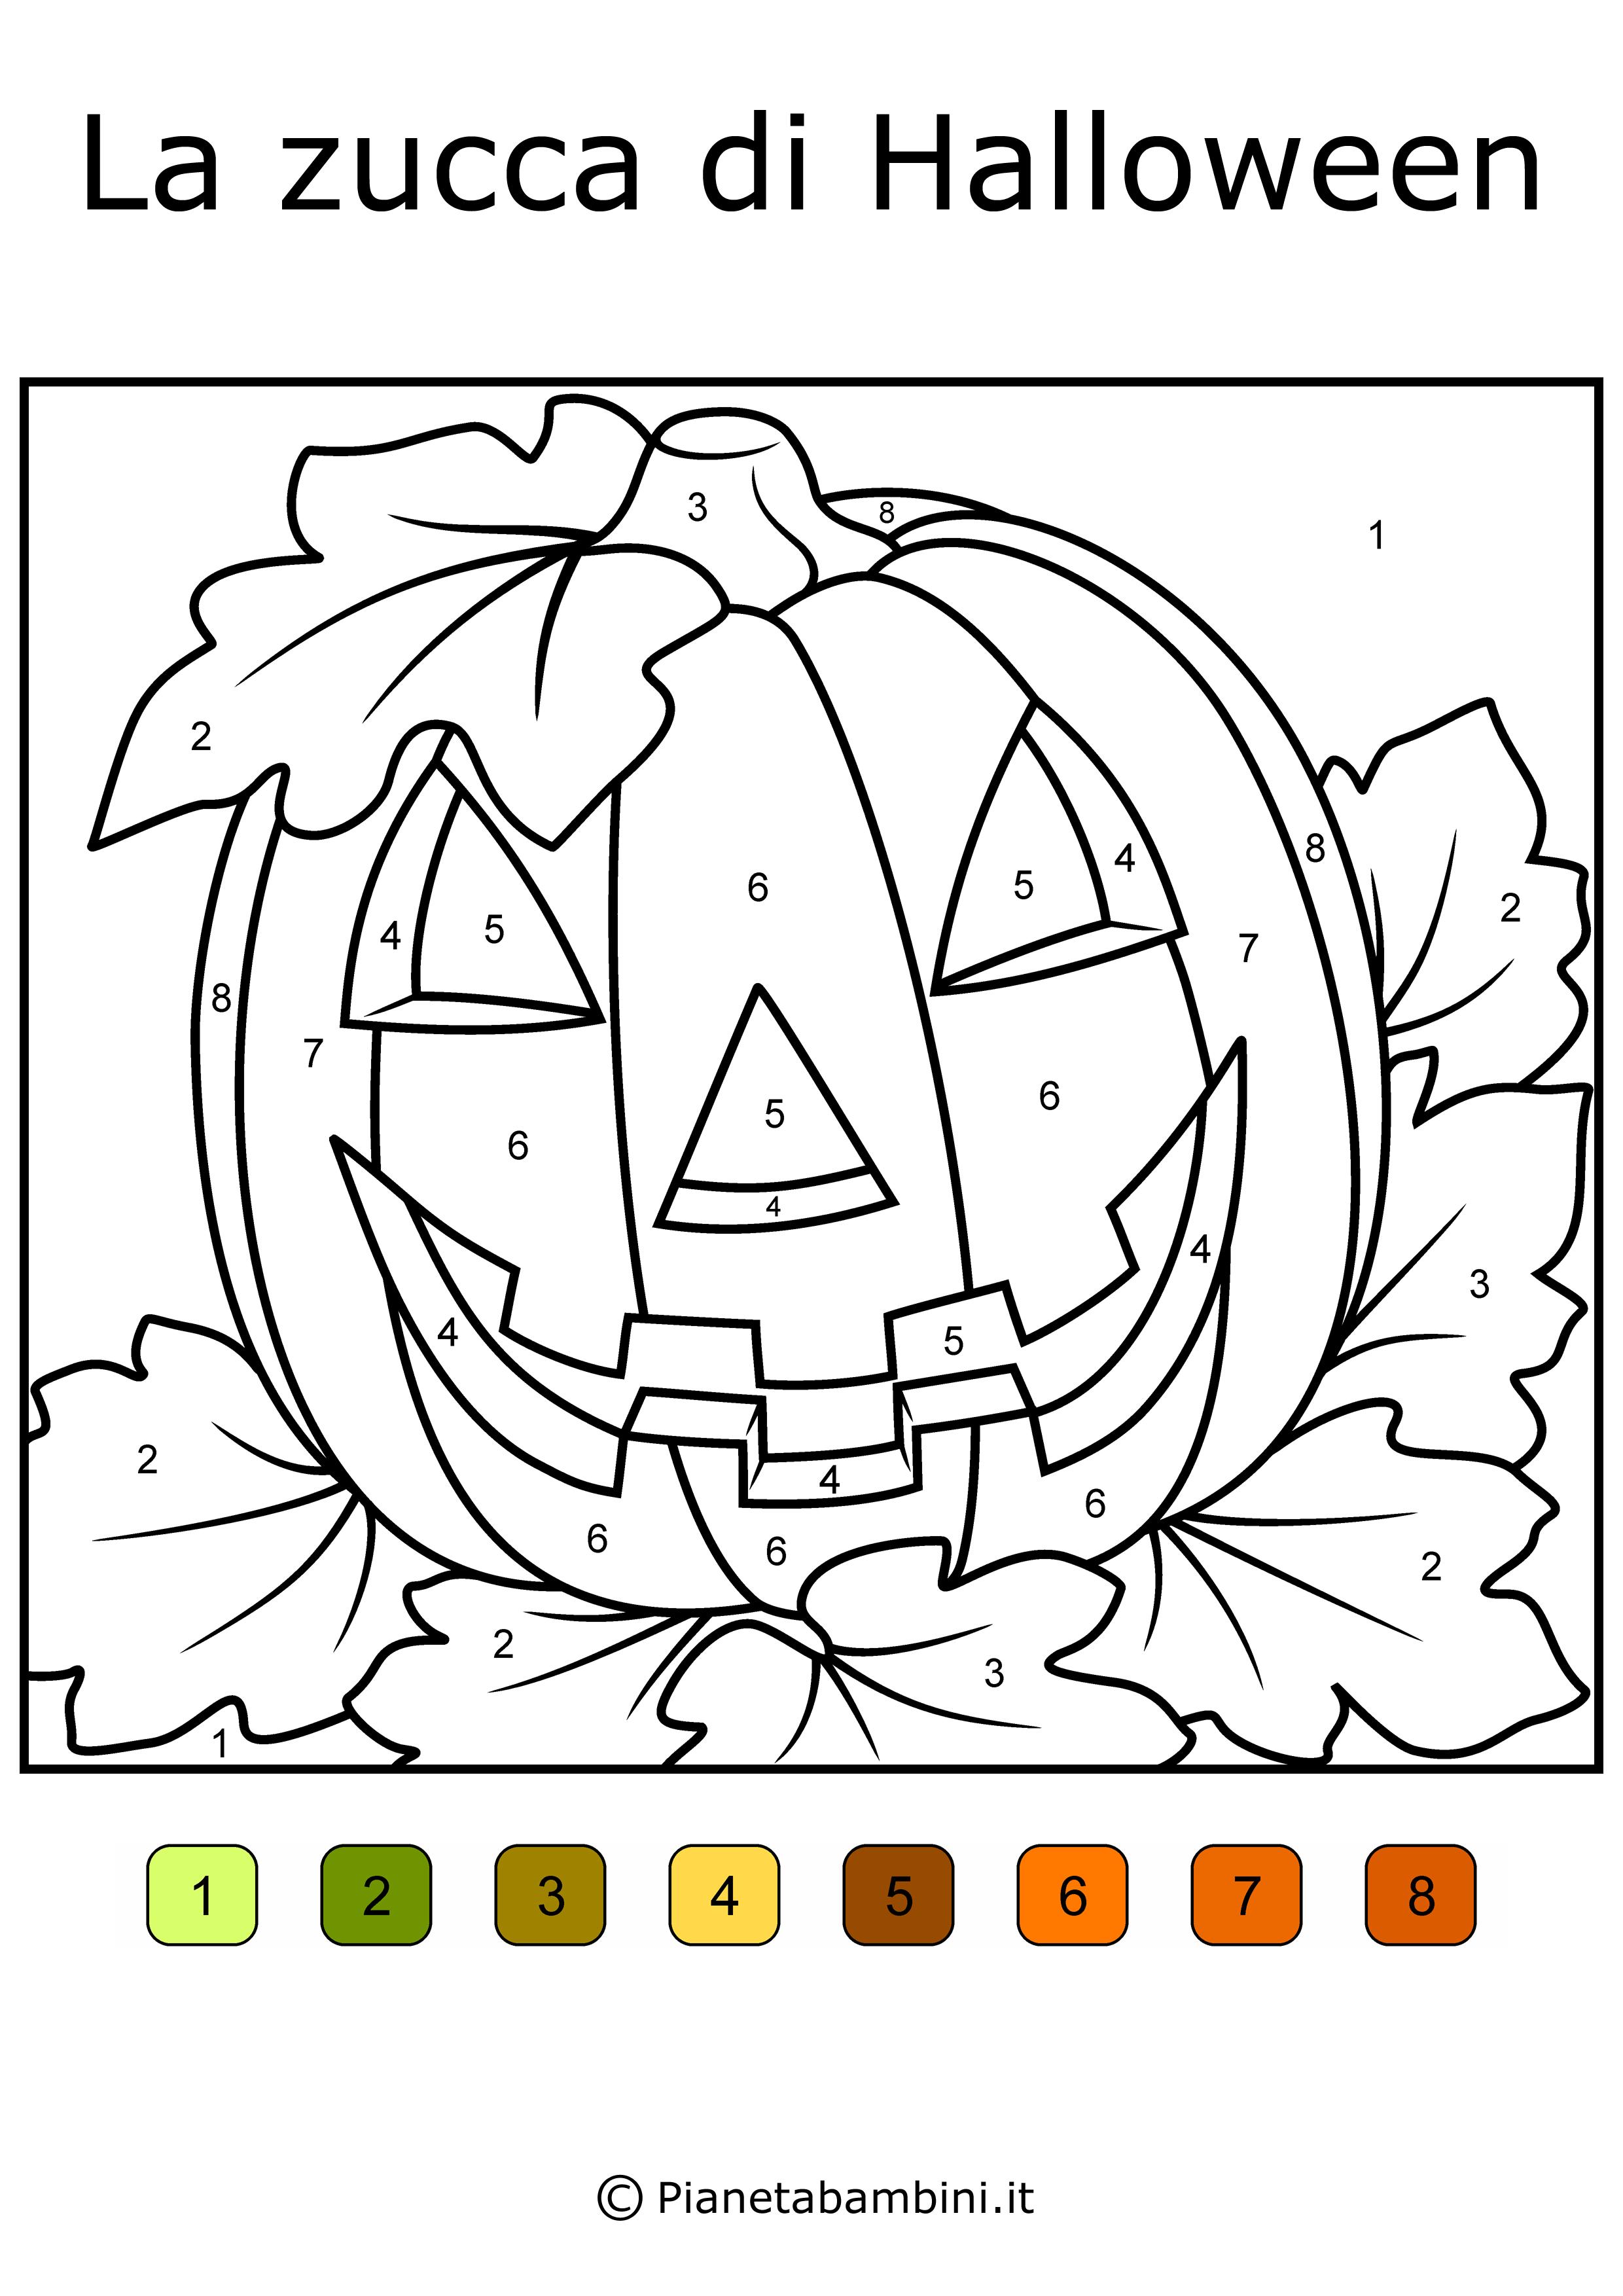 Conta-e-Colora-Semplice-Zucca-Halloween